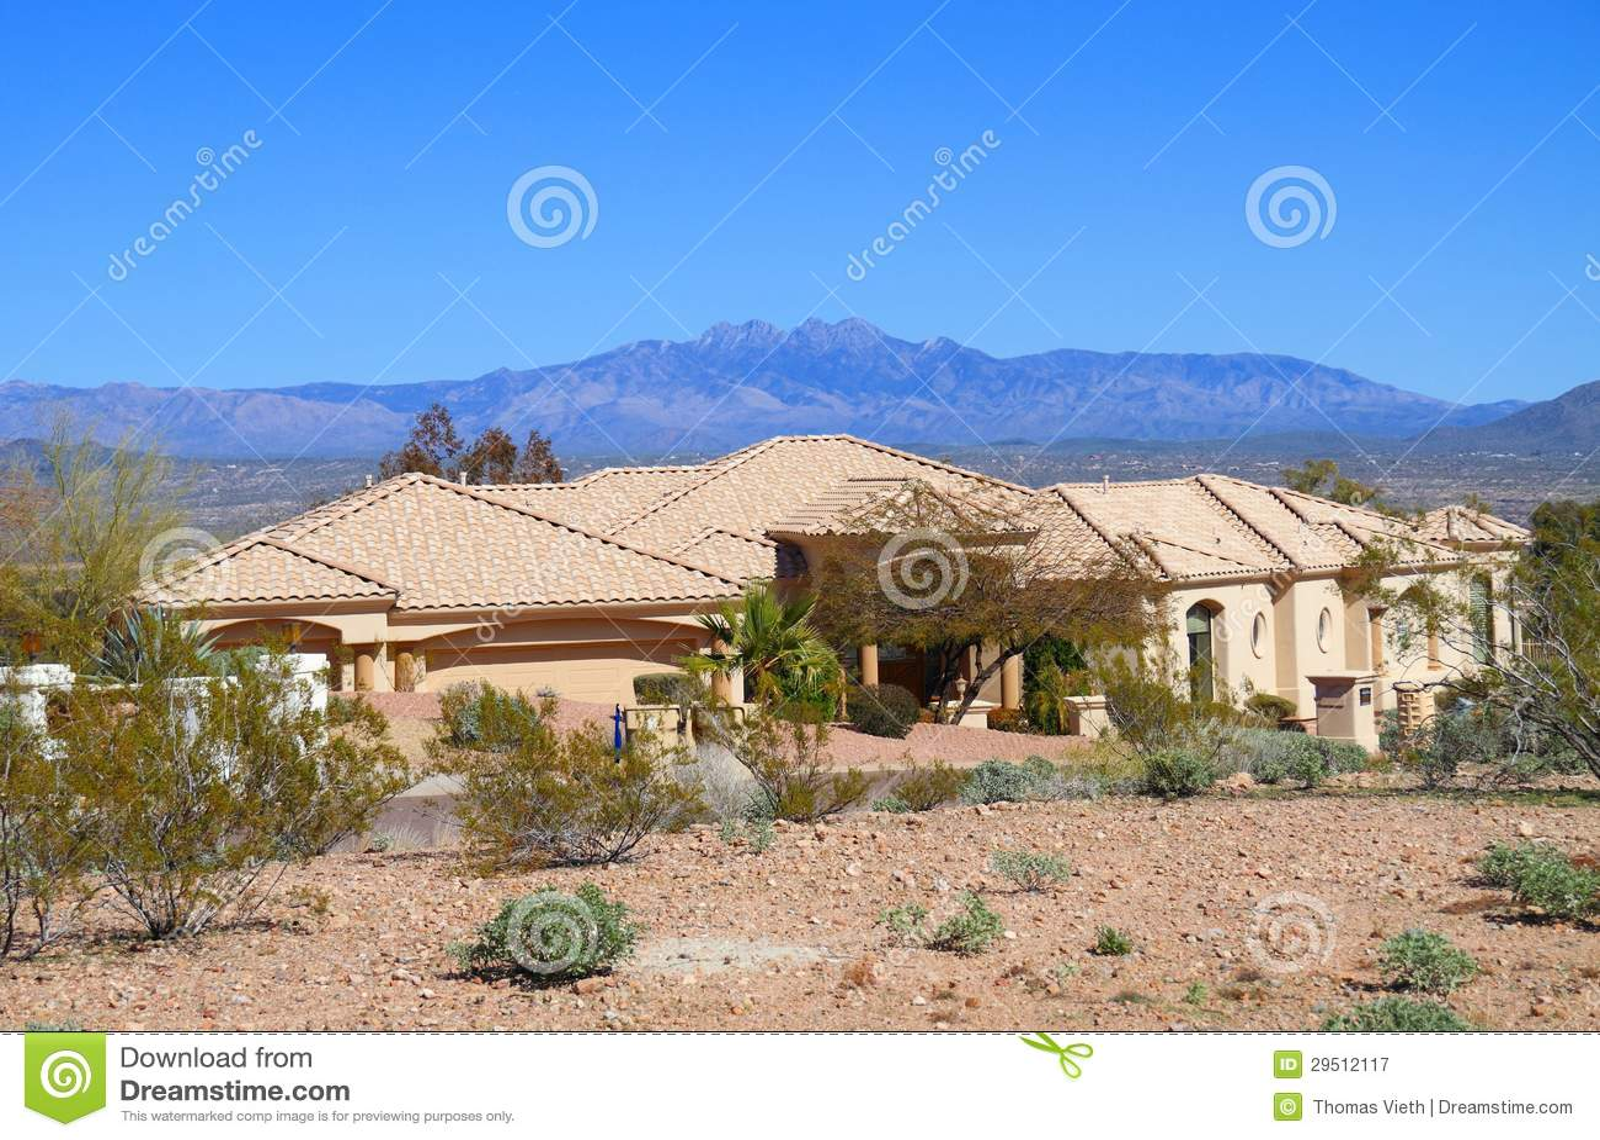 Huis in de woestijn van Arizona